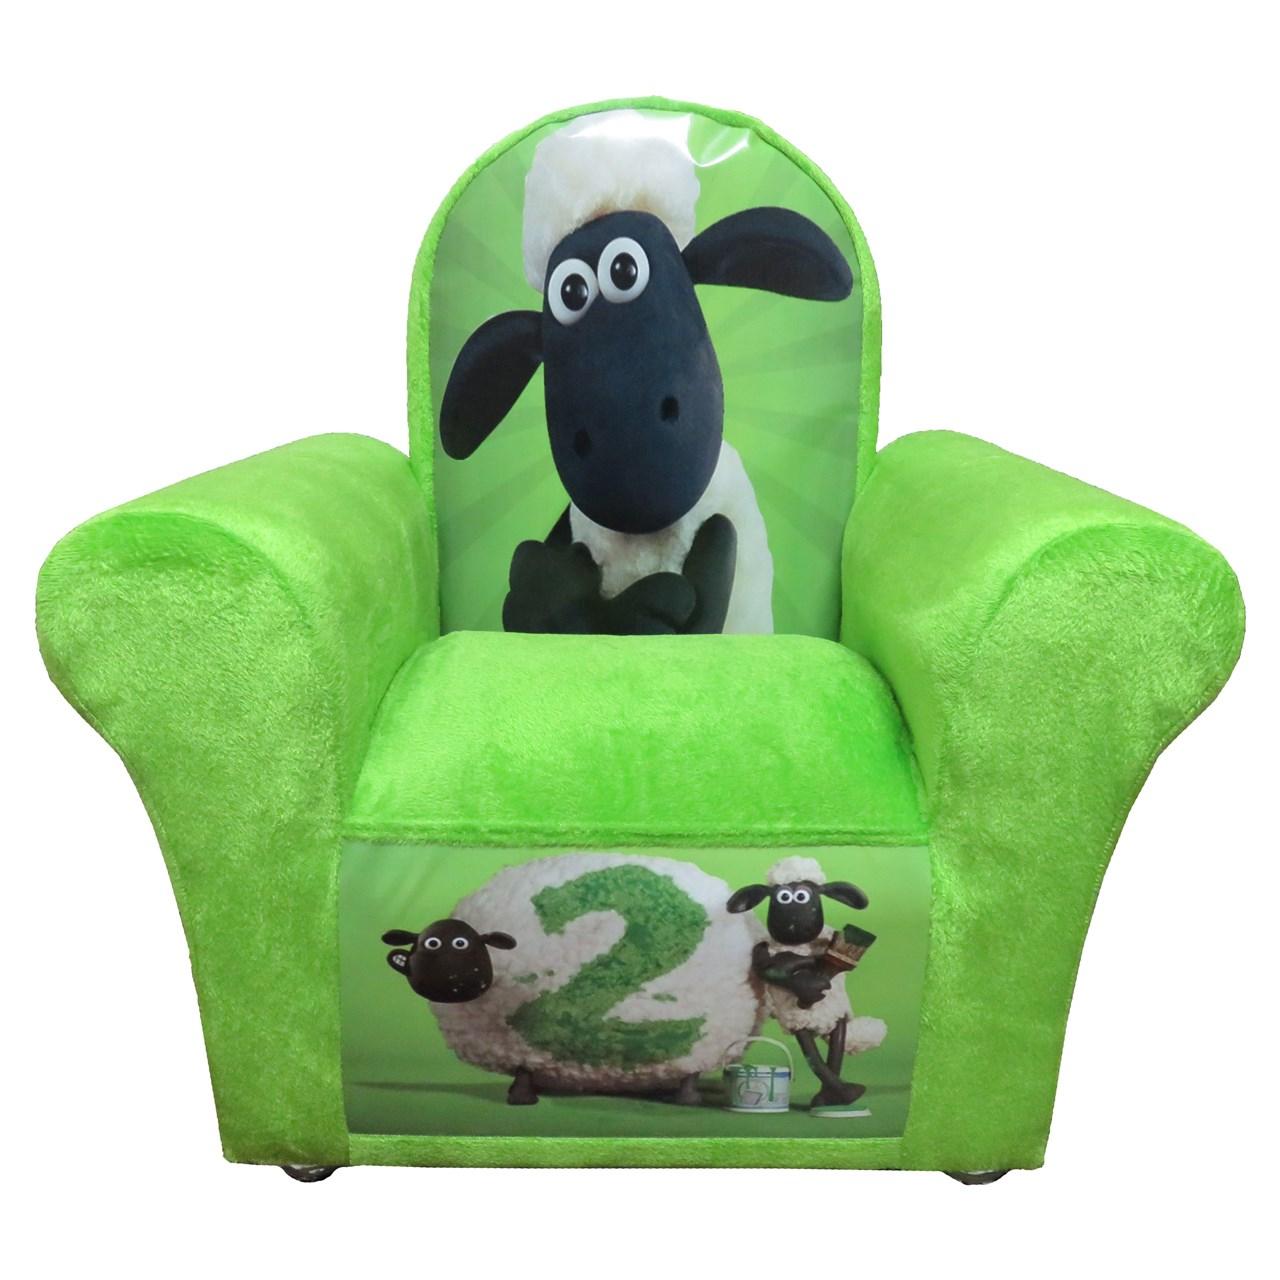 مبل کودک آرتا مدلNew Shuan the Sheep